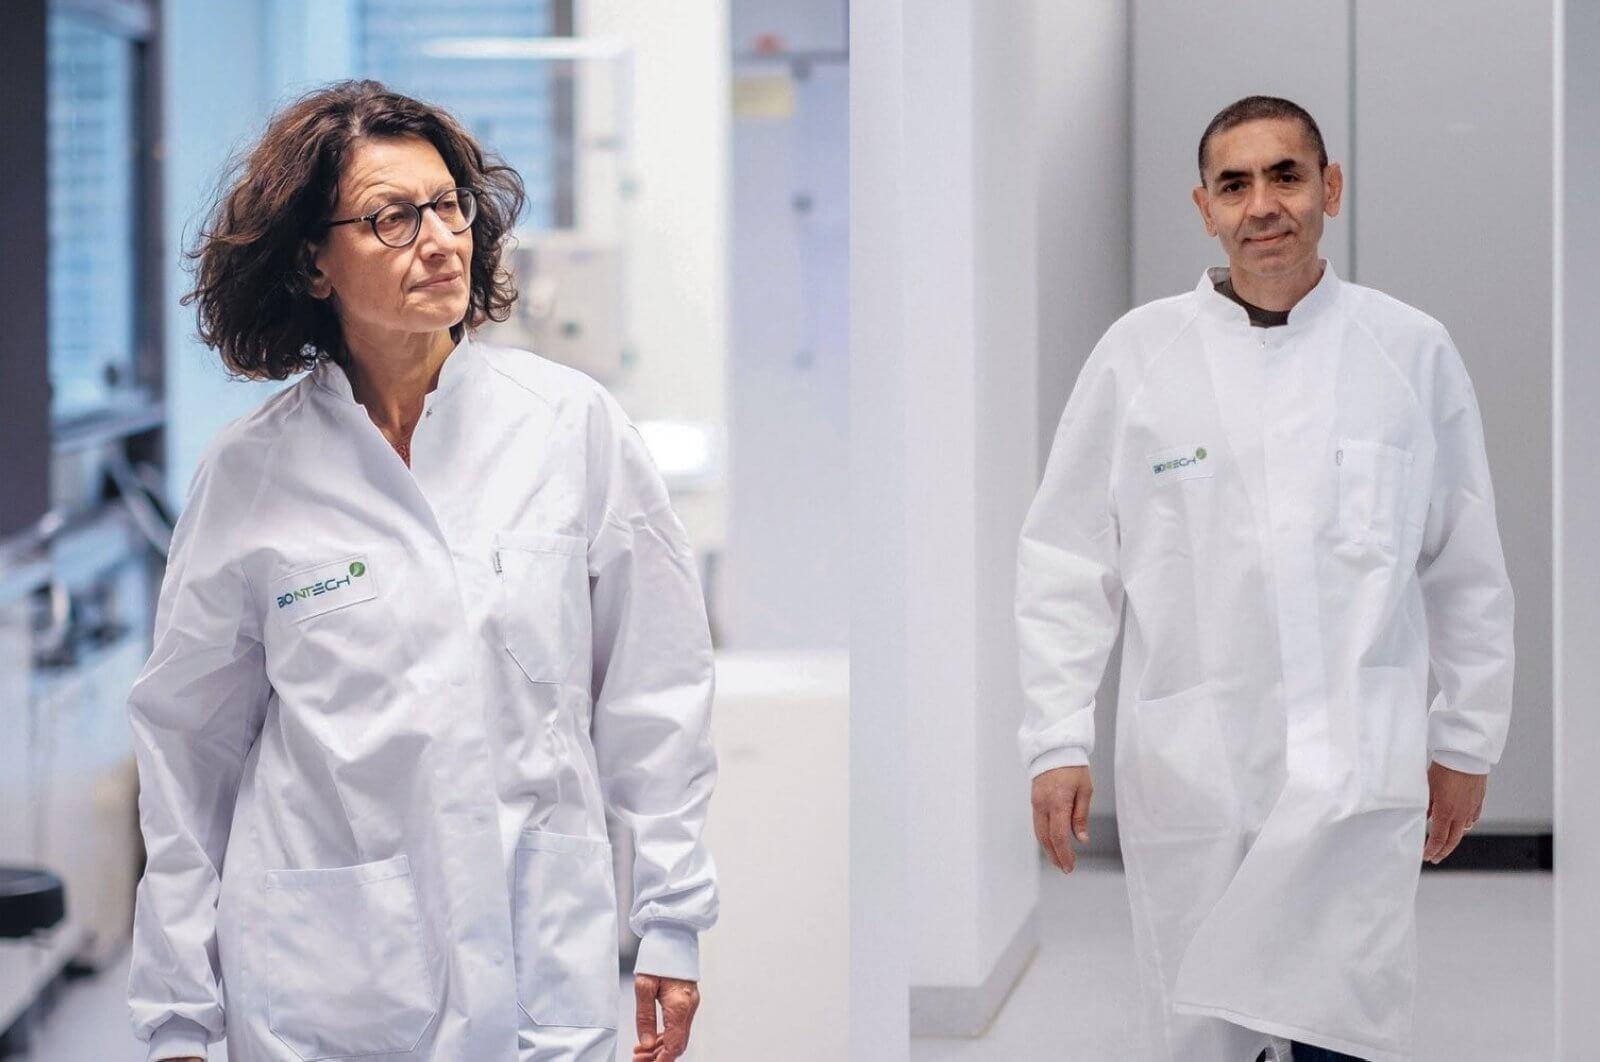 Pfizer-BioNTech-ის ვაქცინის შემქმნელი მეცნიერები ამბობენ, რომ მათი შემდეგი სამიზნე კიბოა — #1tvმეცნიერება